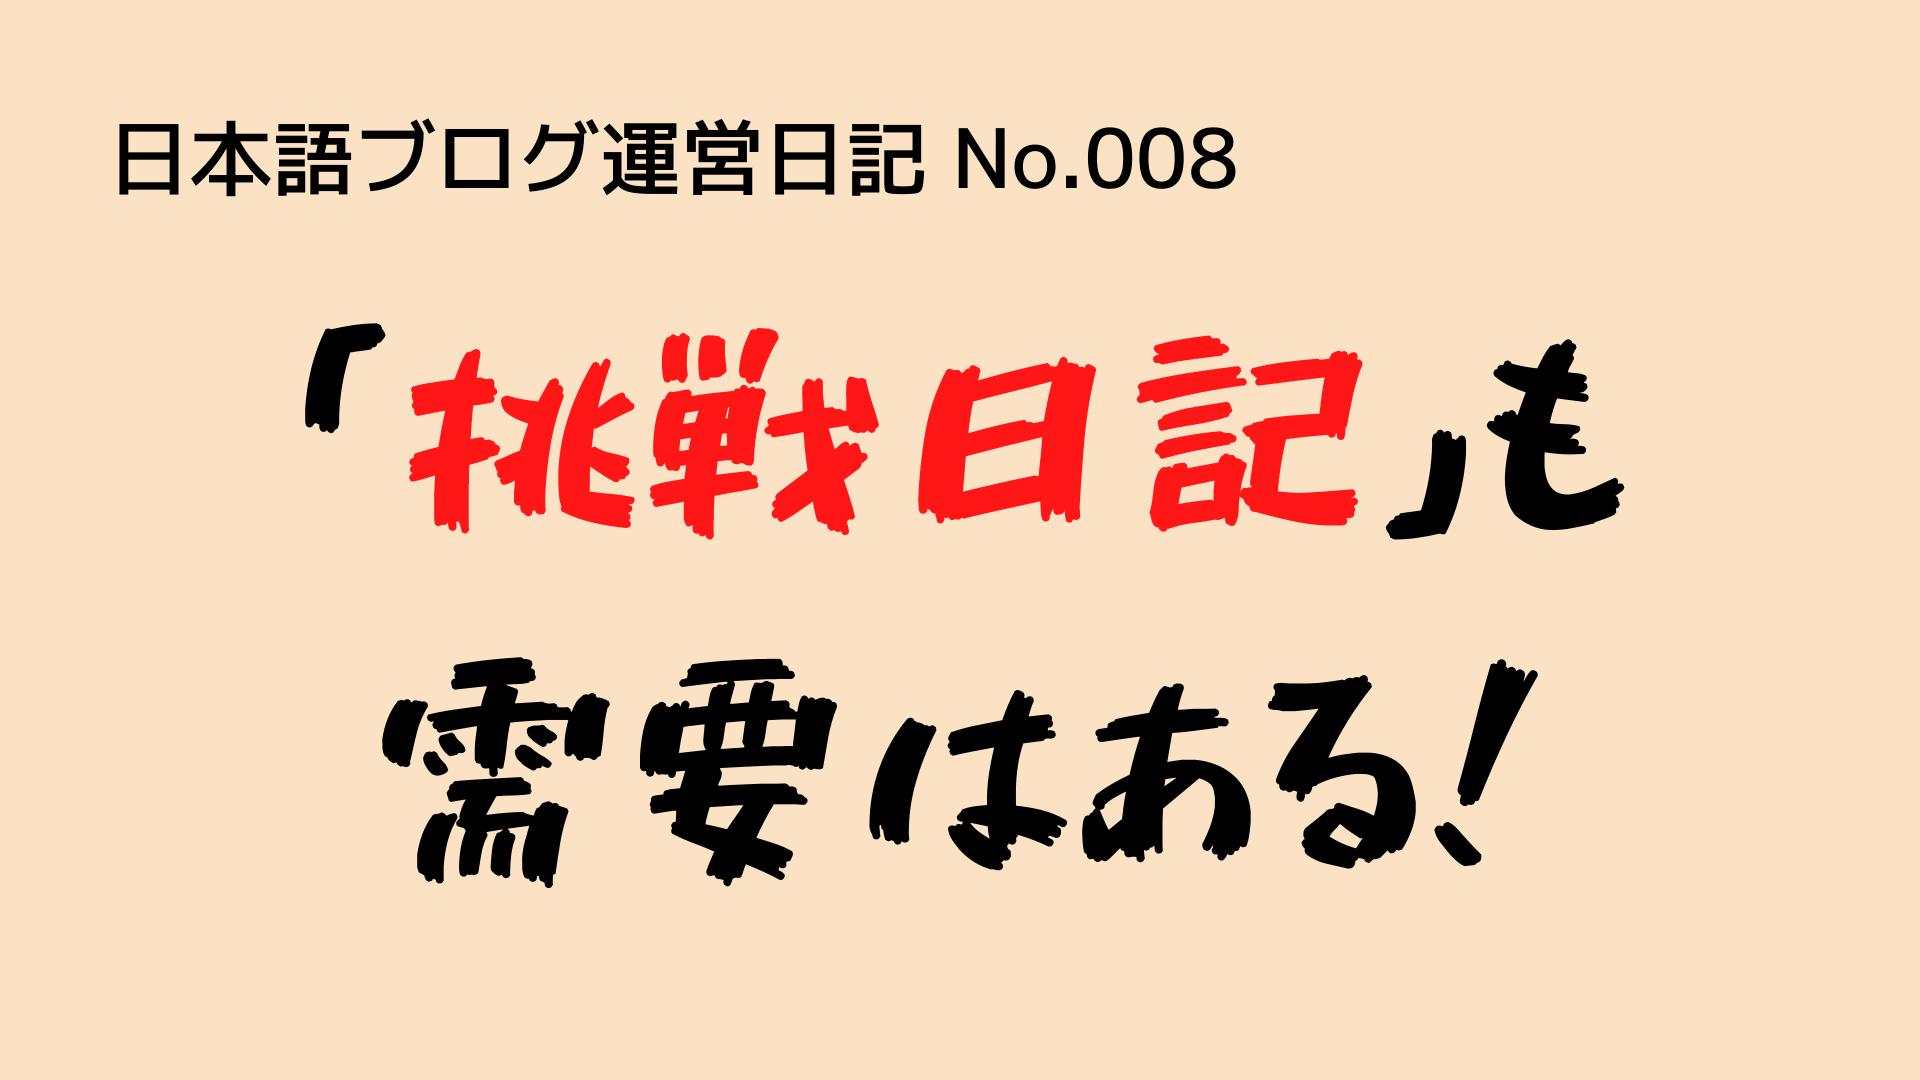 (日本語ブログ運営日記-No.008)1,000記事書くために『挑戦日記』を開始するが、なぜ日記を書くのか?